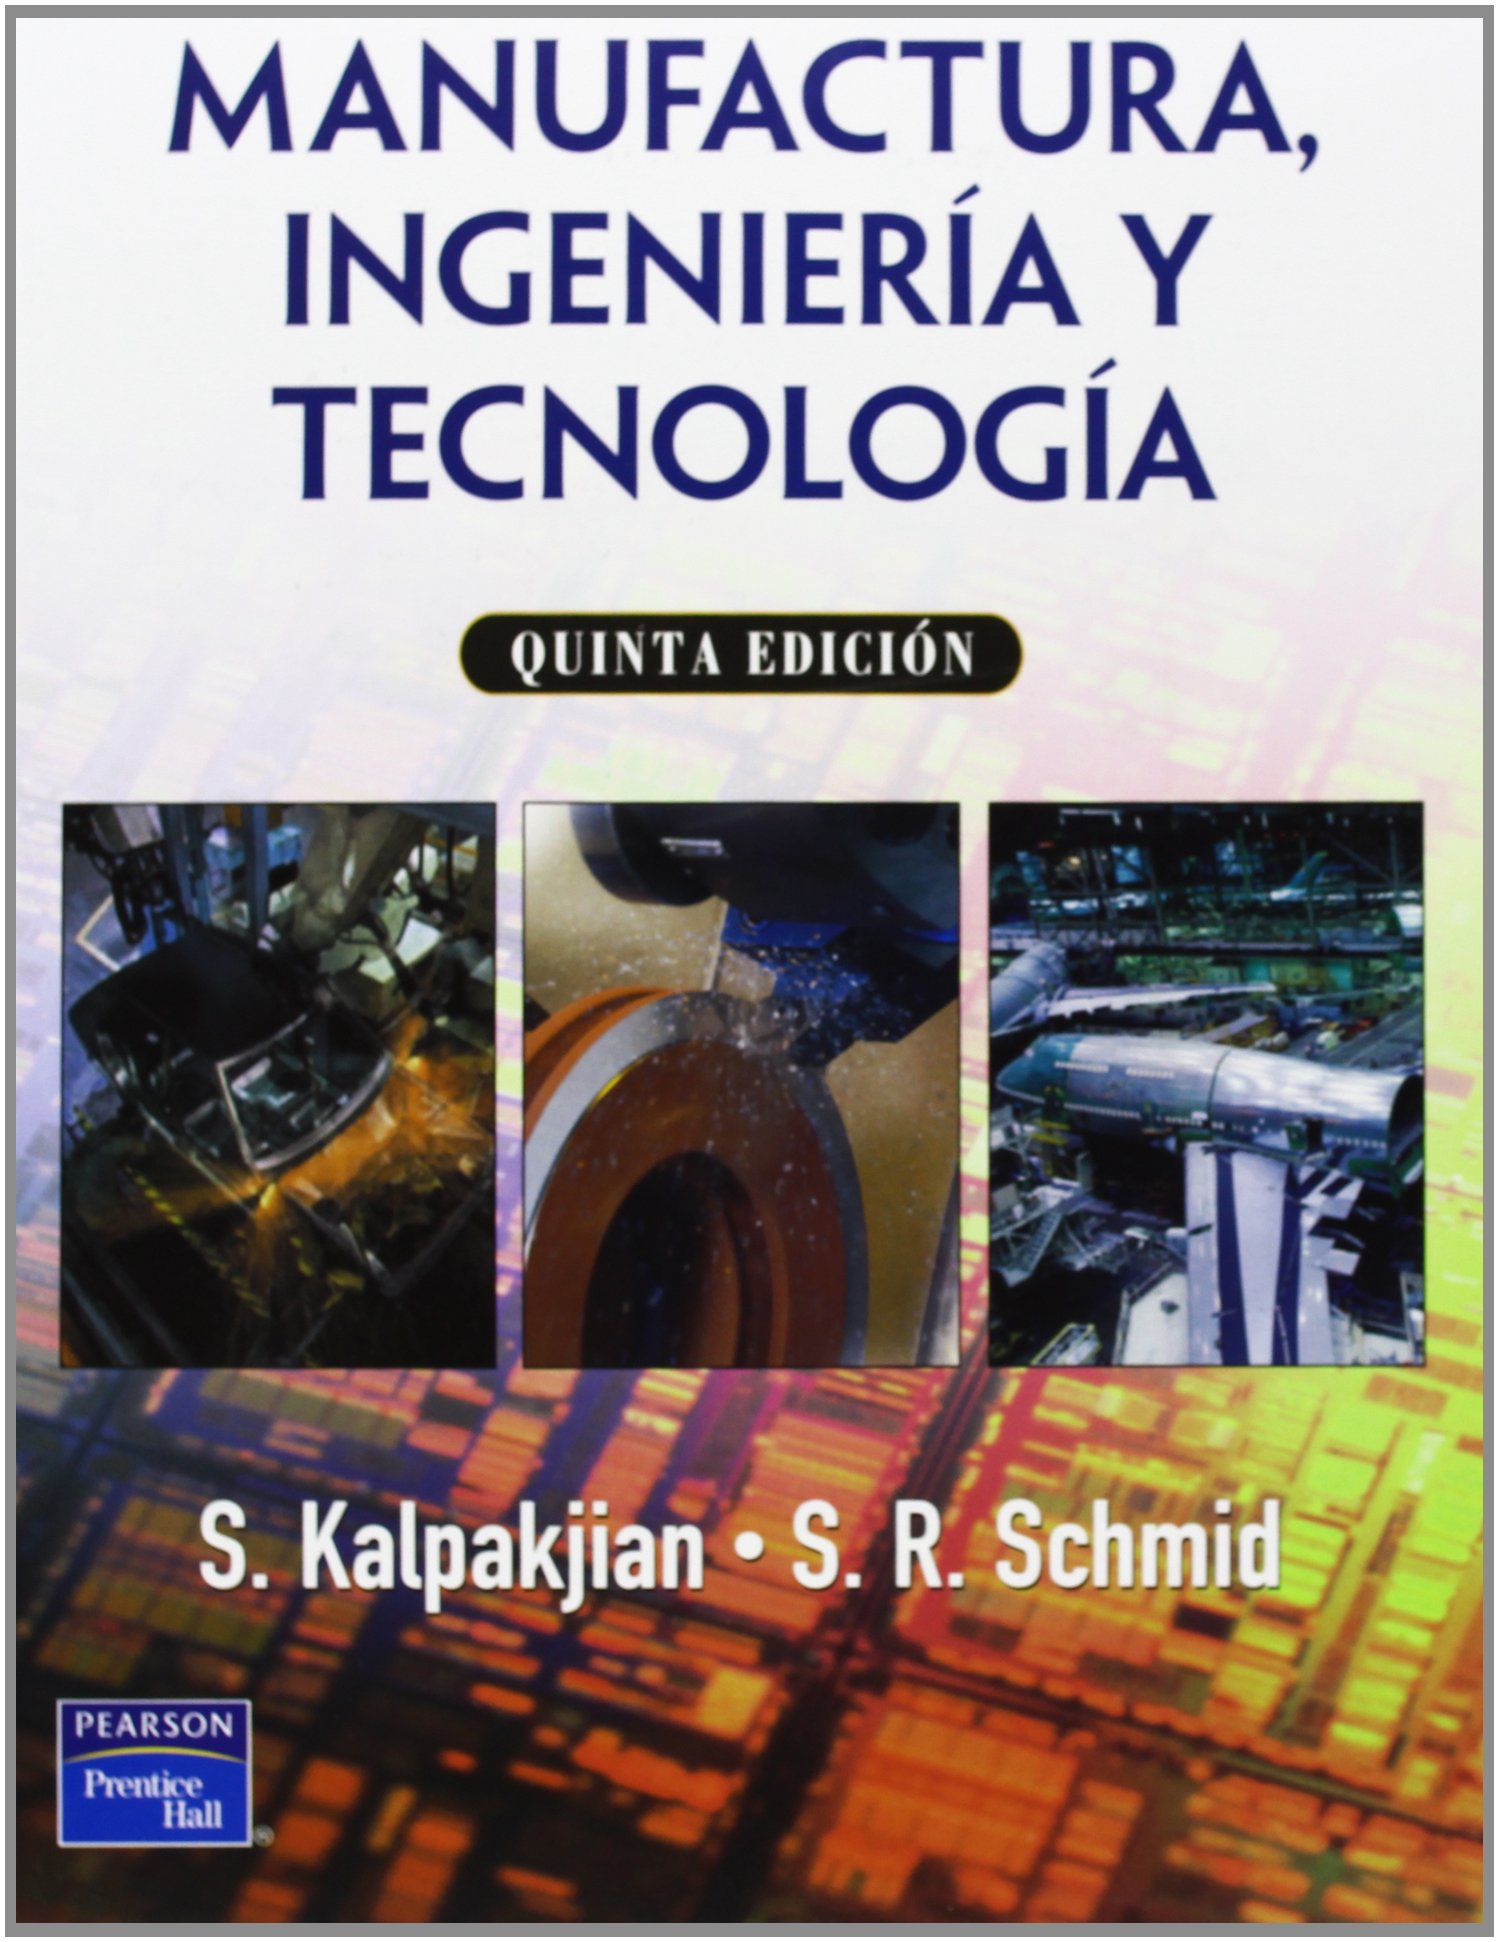 Libros del pobre manufactura ingenier a y tecnolog a s Libros de ceramica pdf